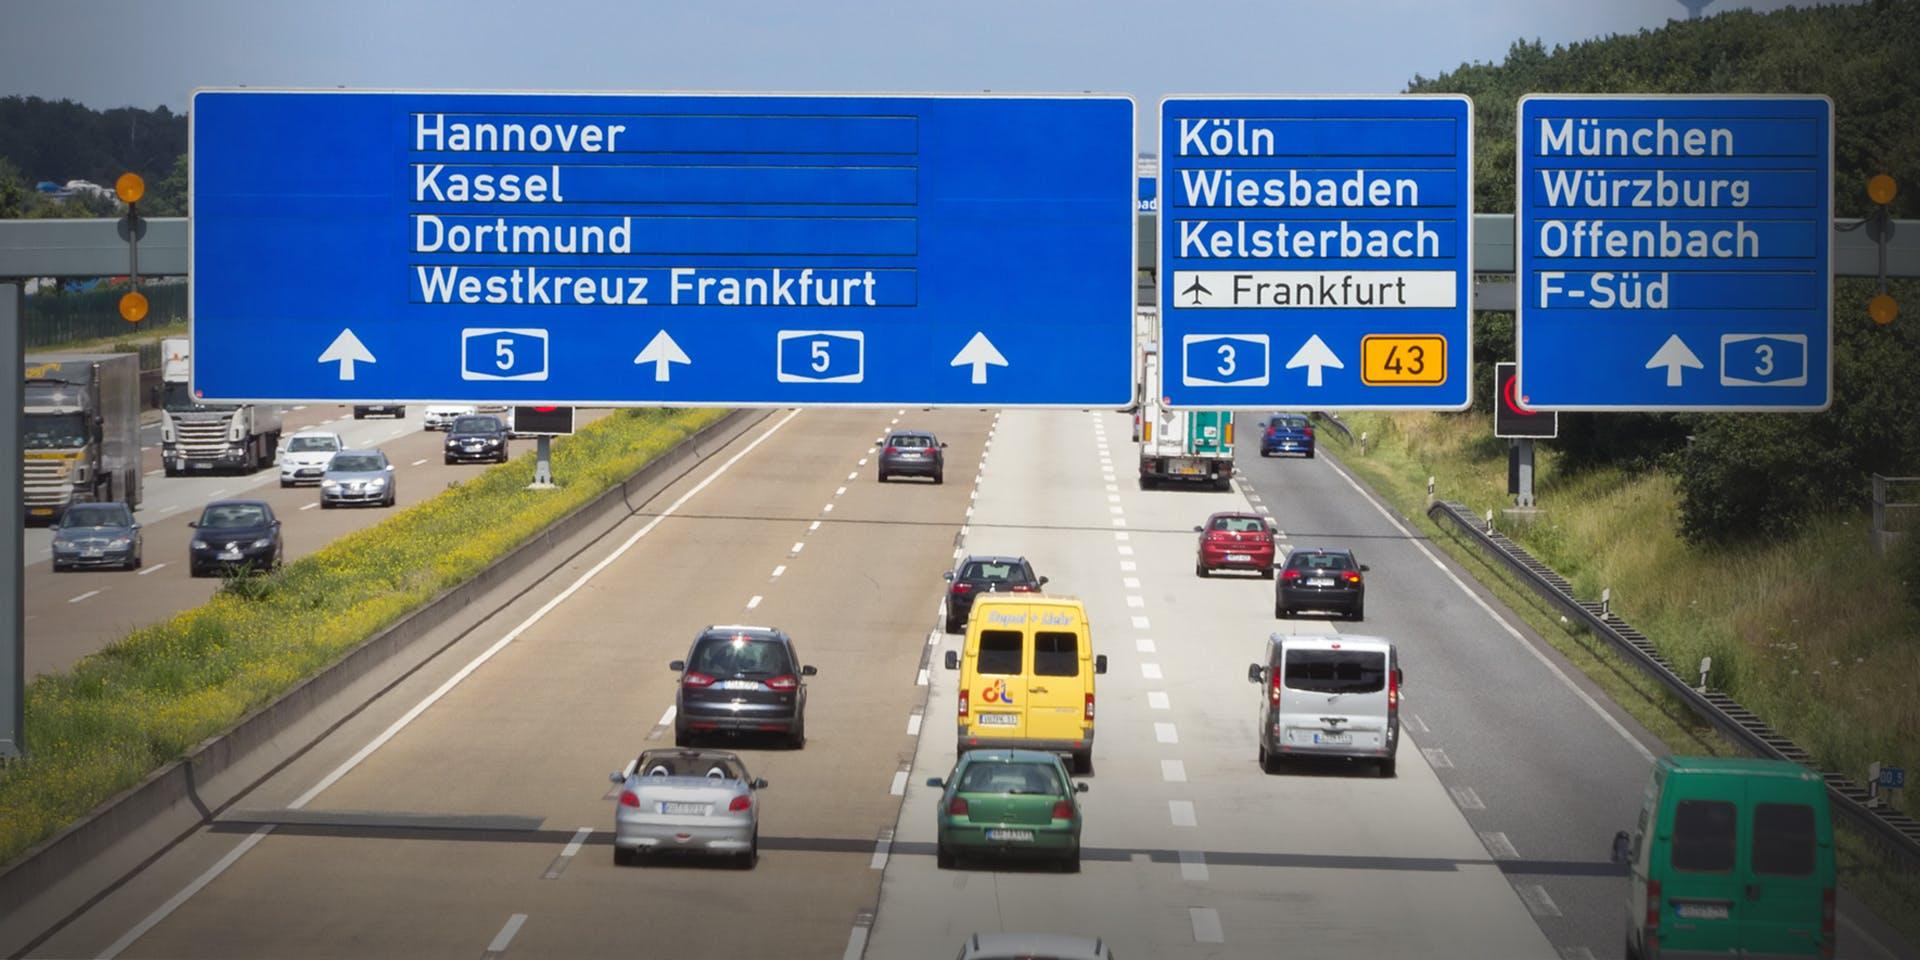 Cao tốc Autobahn